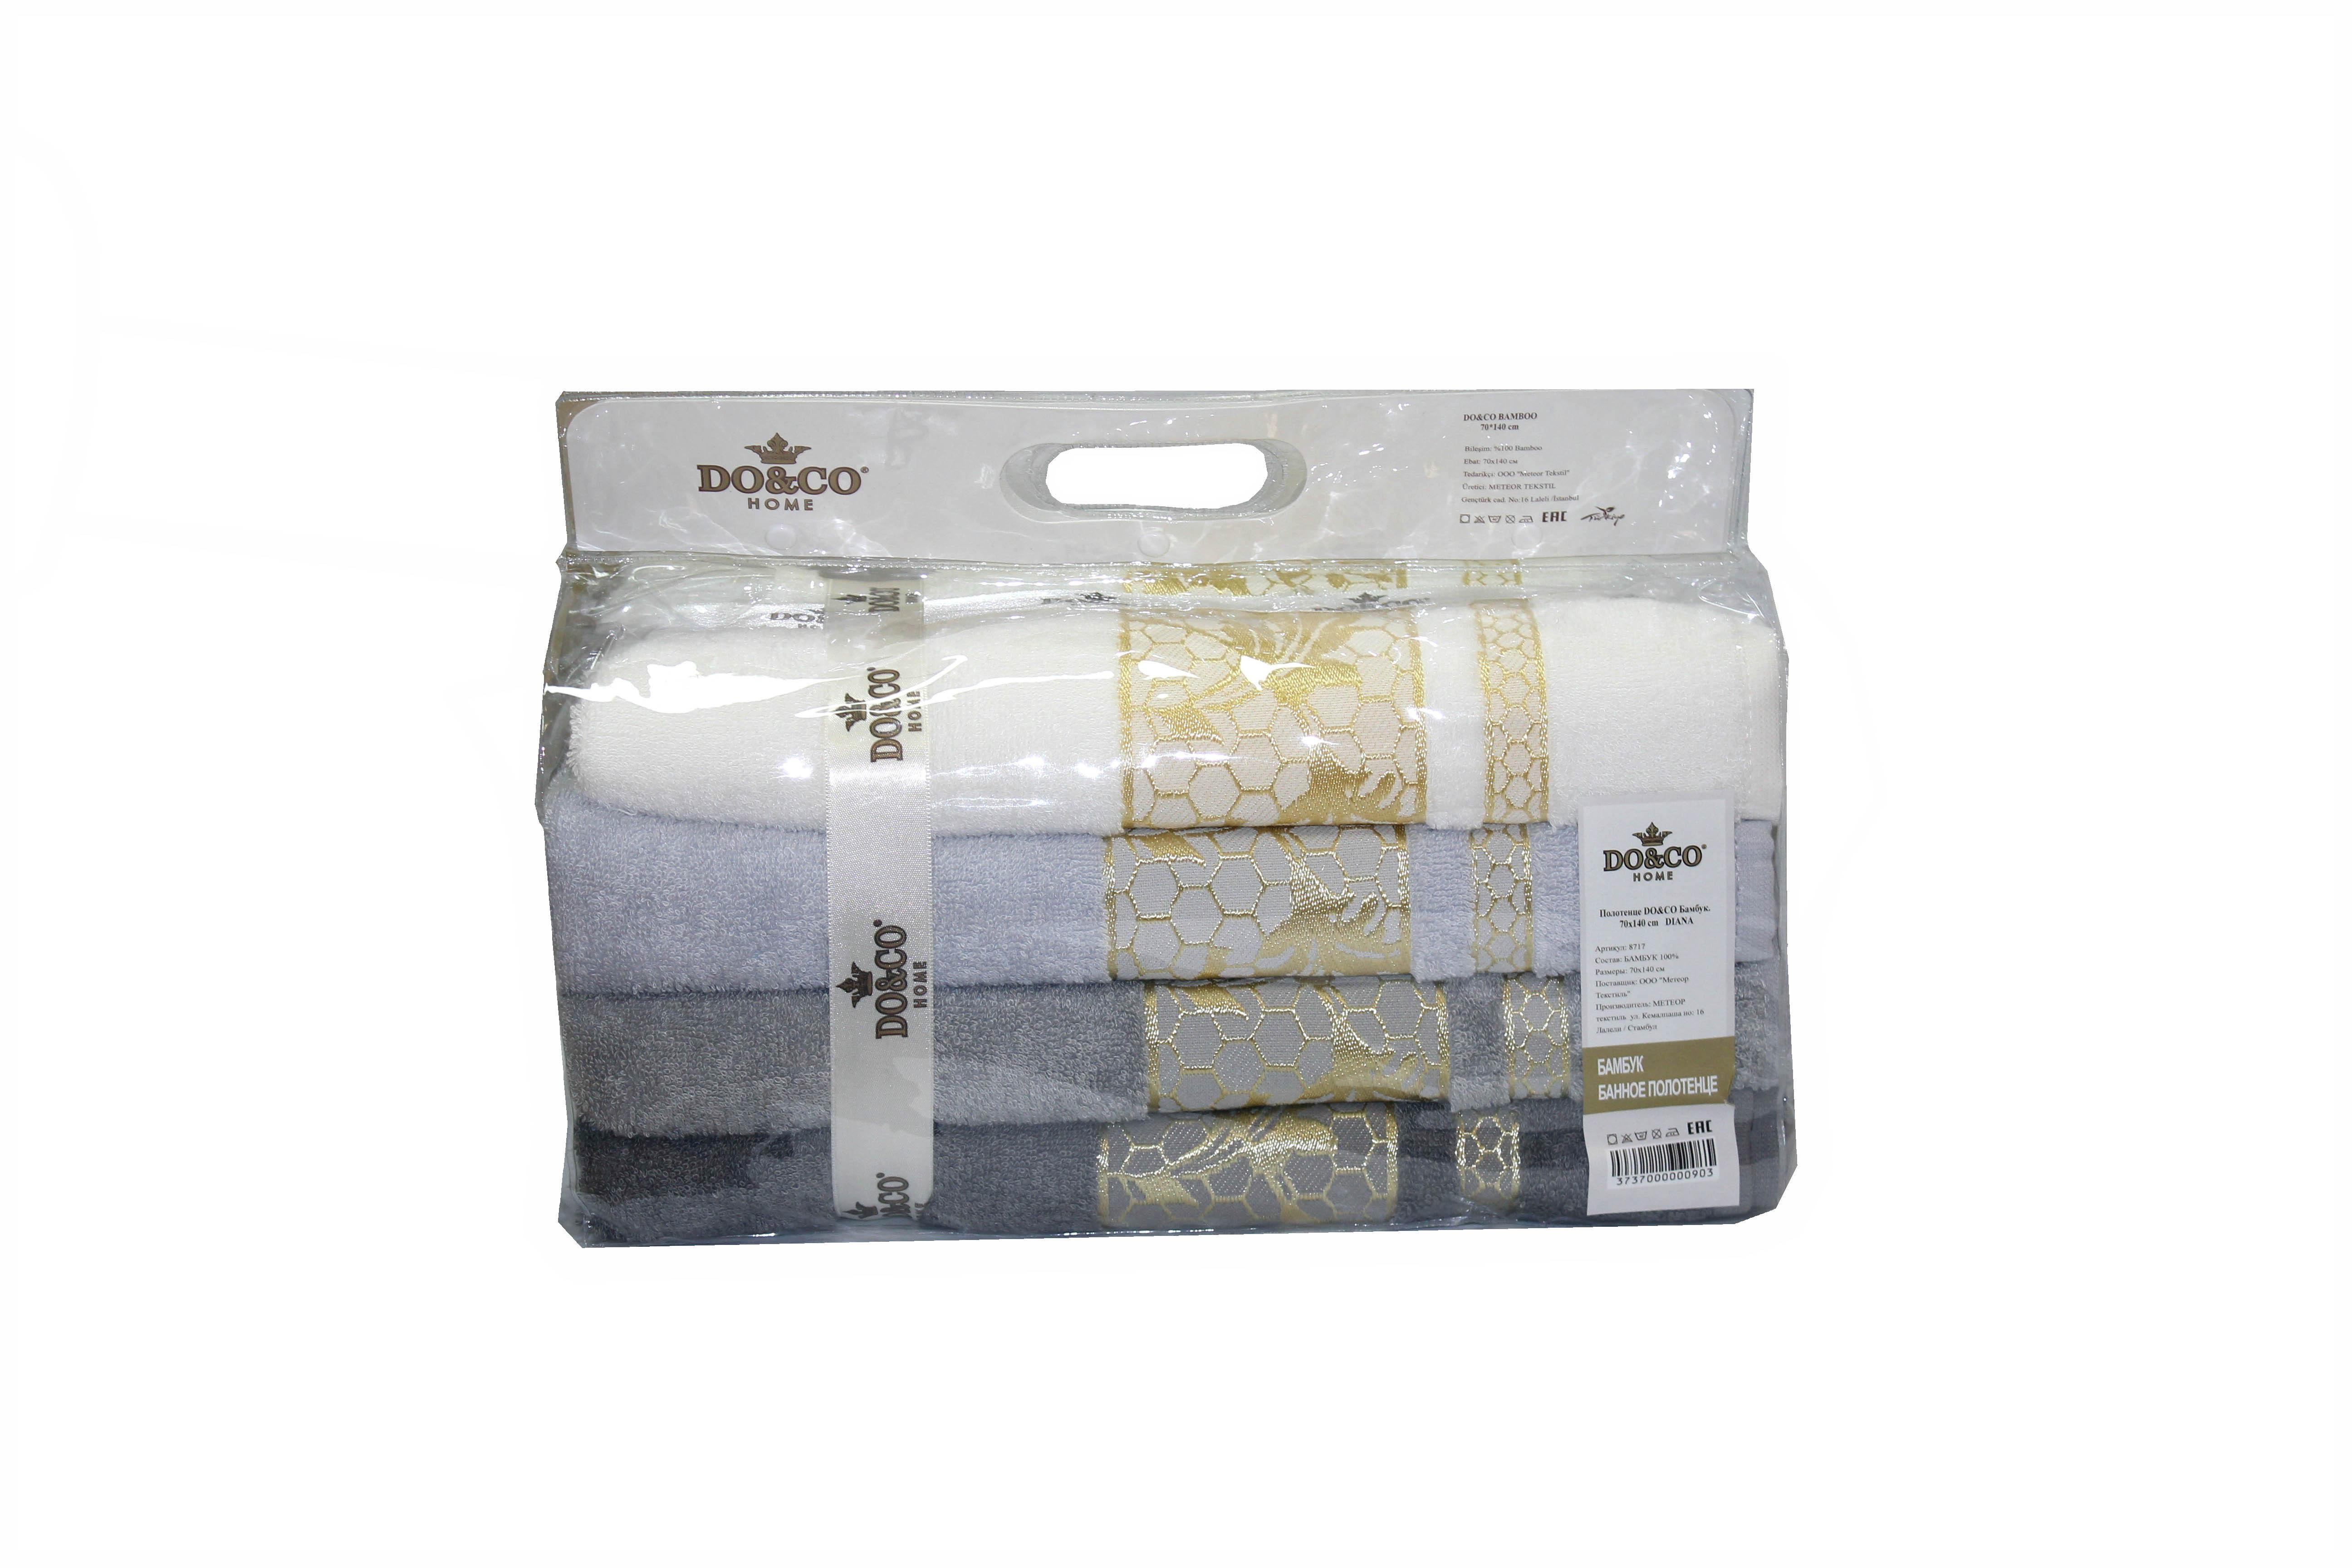 Полотенца DO'n'CO Набор Полотенец Diana (70х140 см - 4 шт) полотенца do n co набор полотенец clara 70х140 см 4 шт